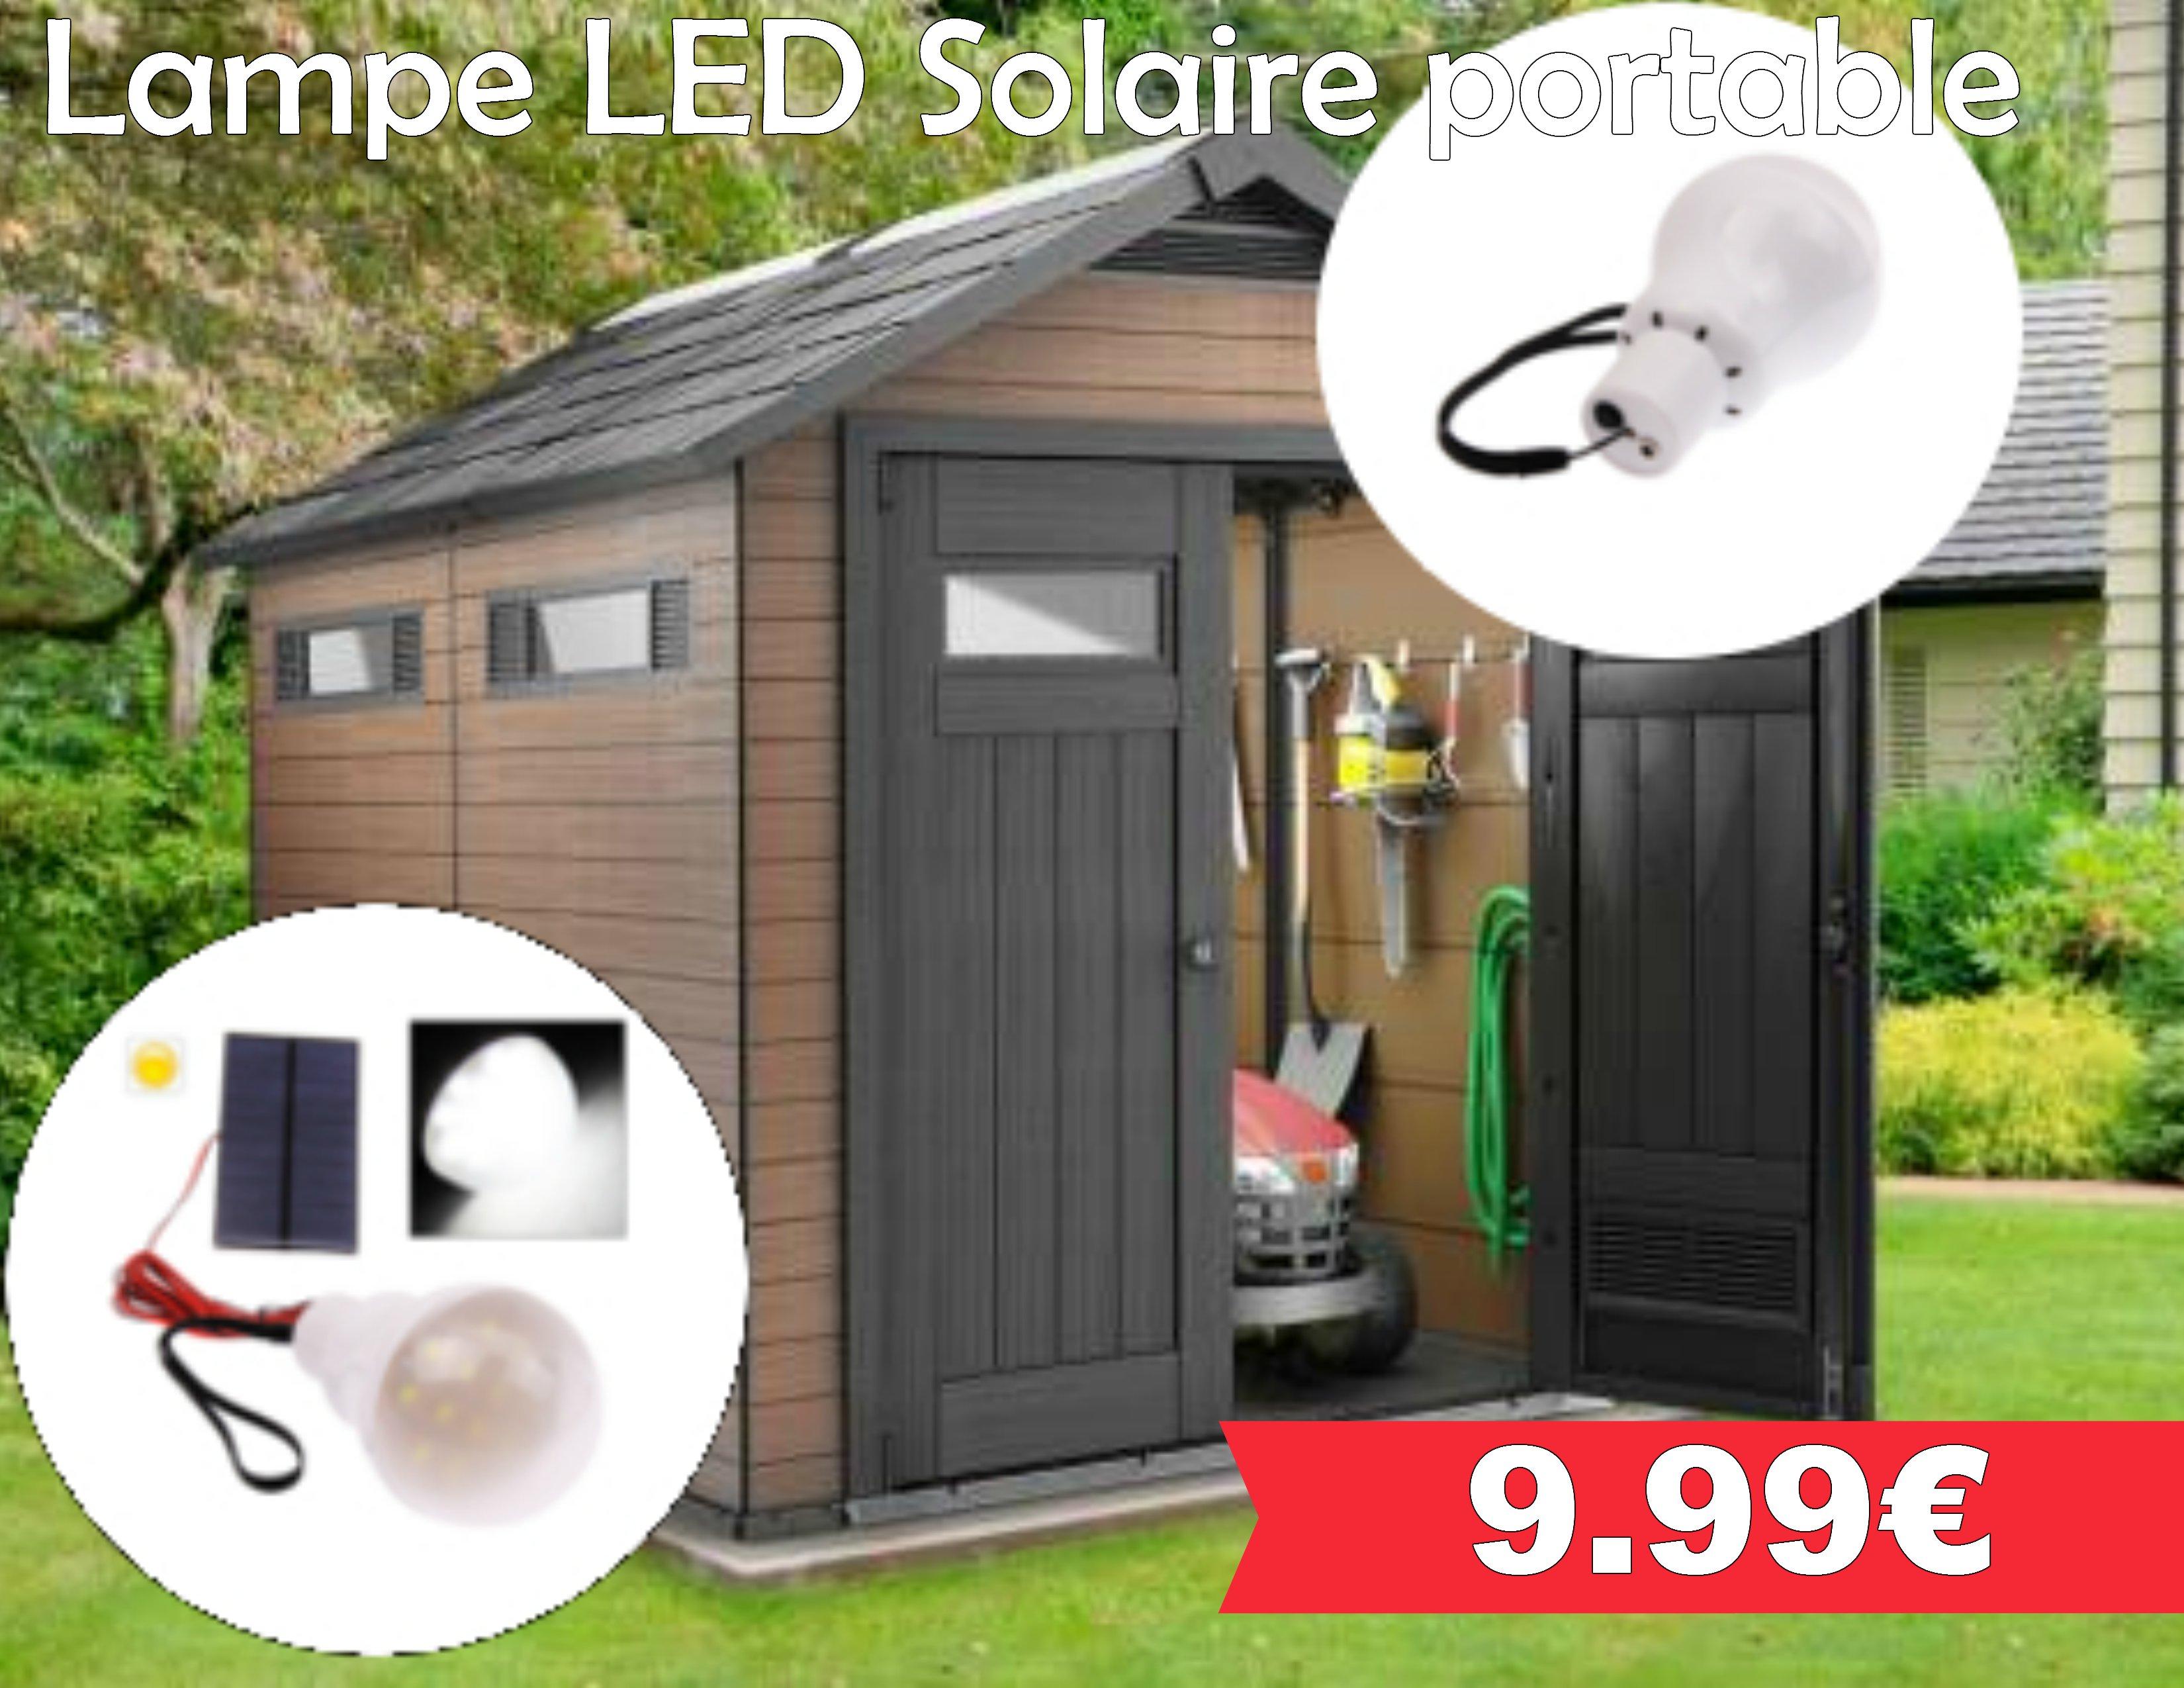 lampe led solaire portable leclerc pont l 39 abb. Black Bedroom Furniture Sets. Home Design Ideas